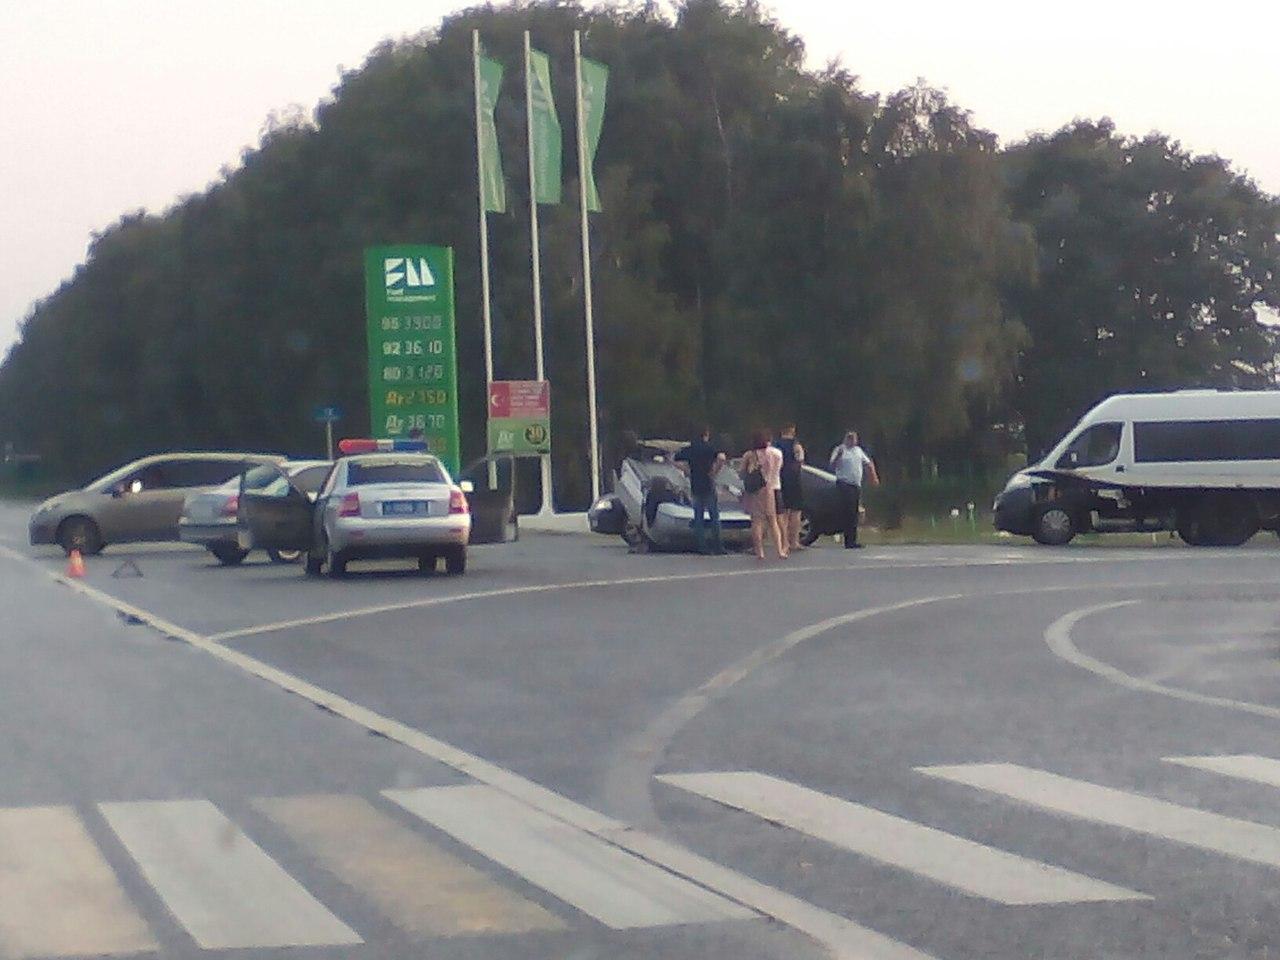 Появились снимки с места ДТП под Брянском, где иномарка перевернулась на крышу